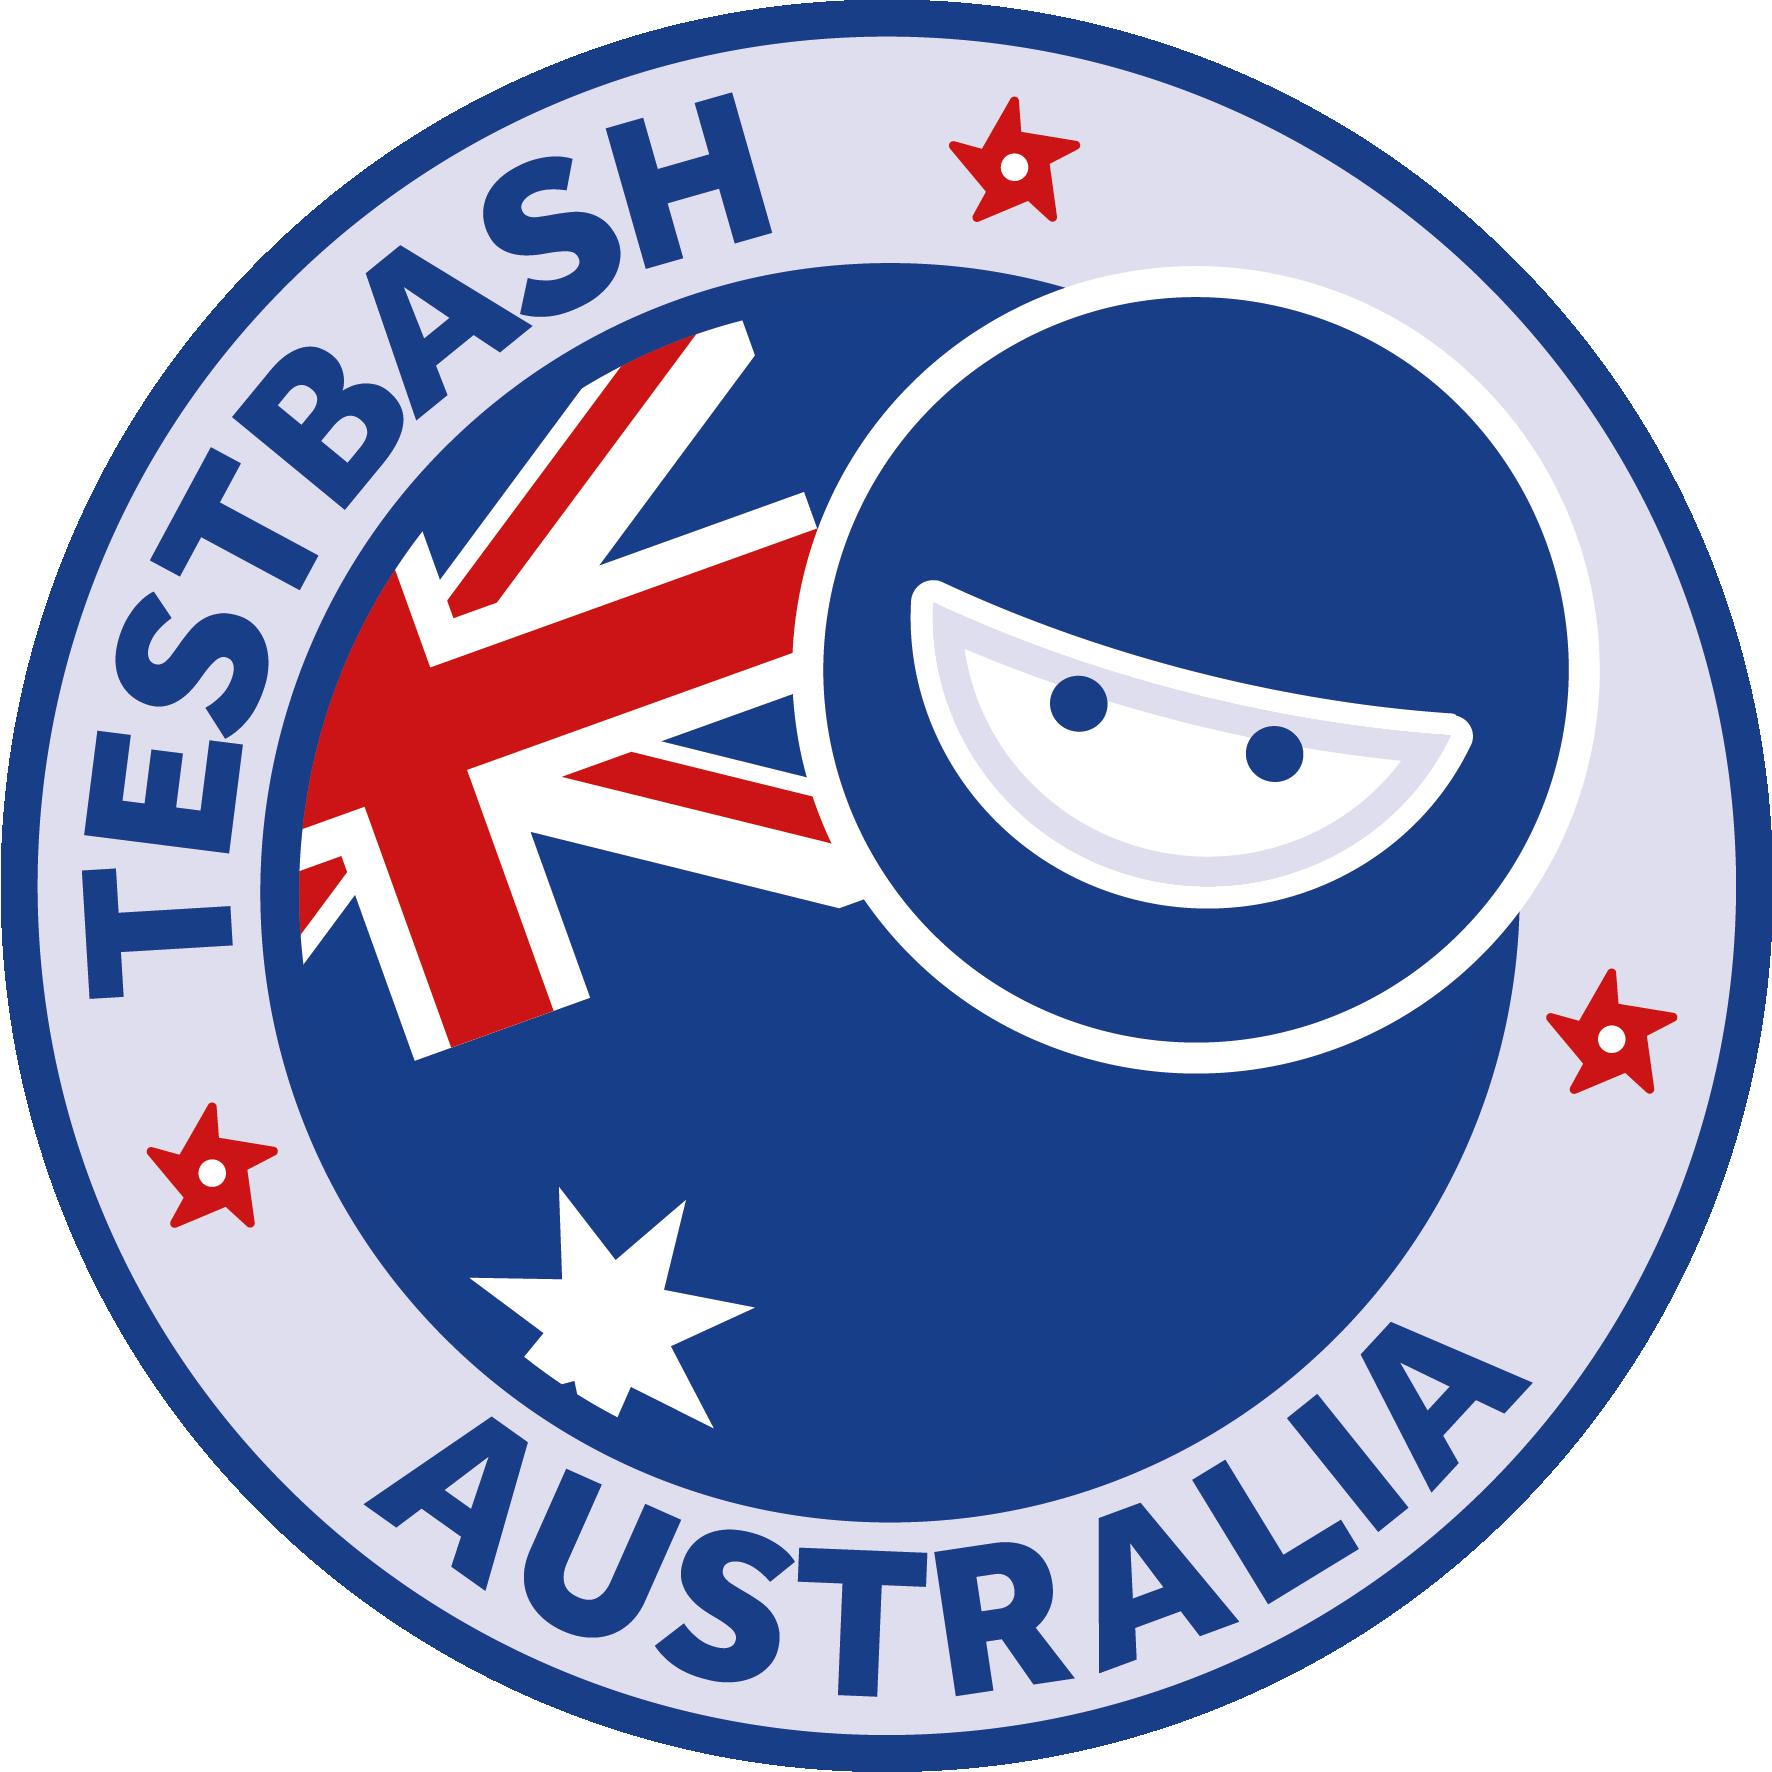 TestBash Australia 2019 logo